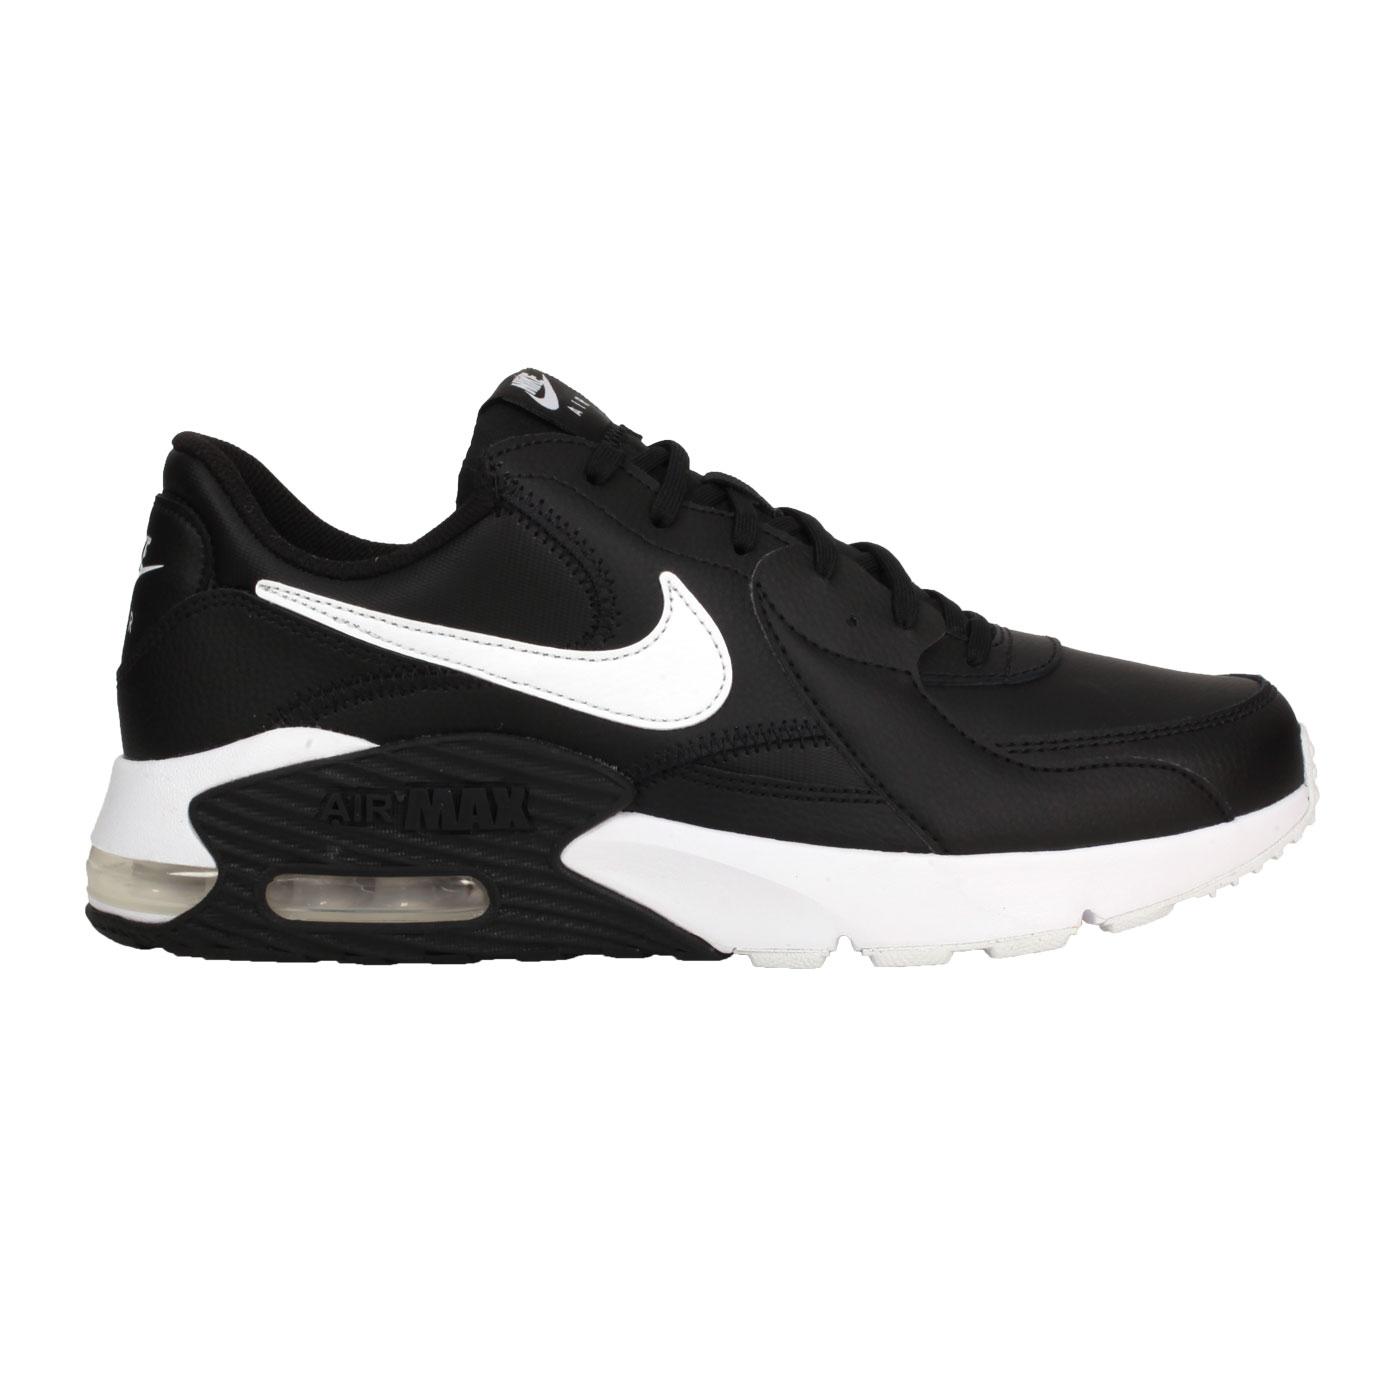 NIKE 男款休閒運動鞋  @ AIR MAX EXCEE LEATHER@DB2839002 - 黑白